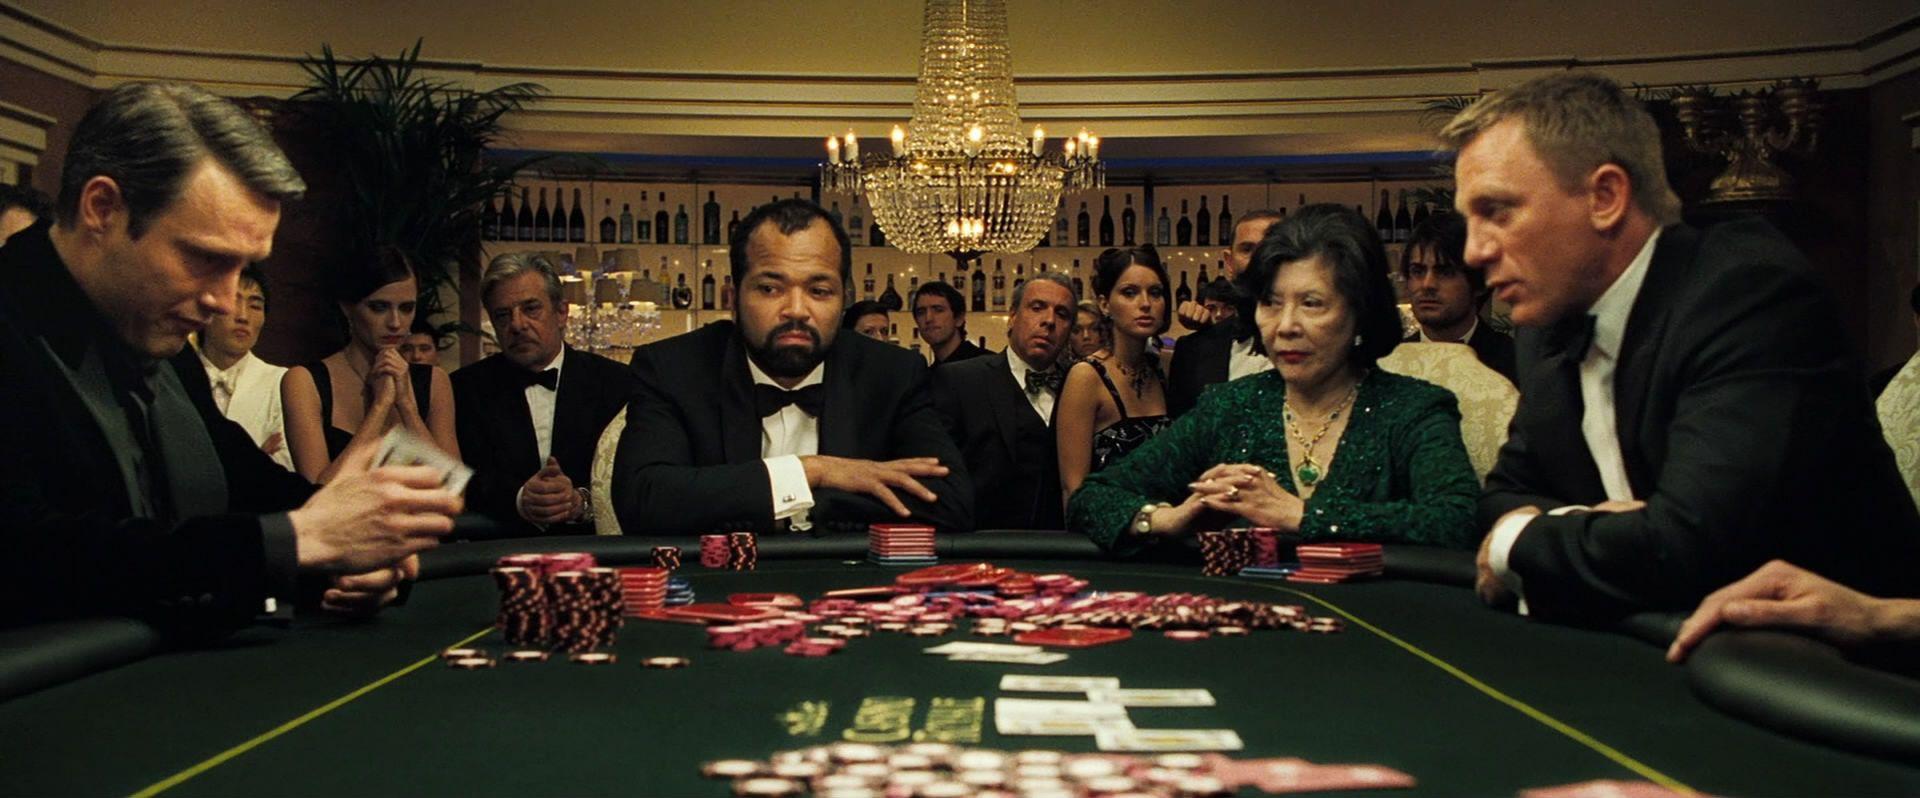 Poker estudo casino 30980